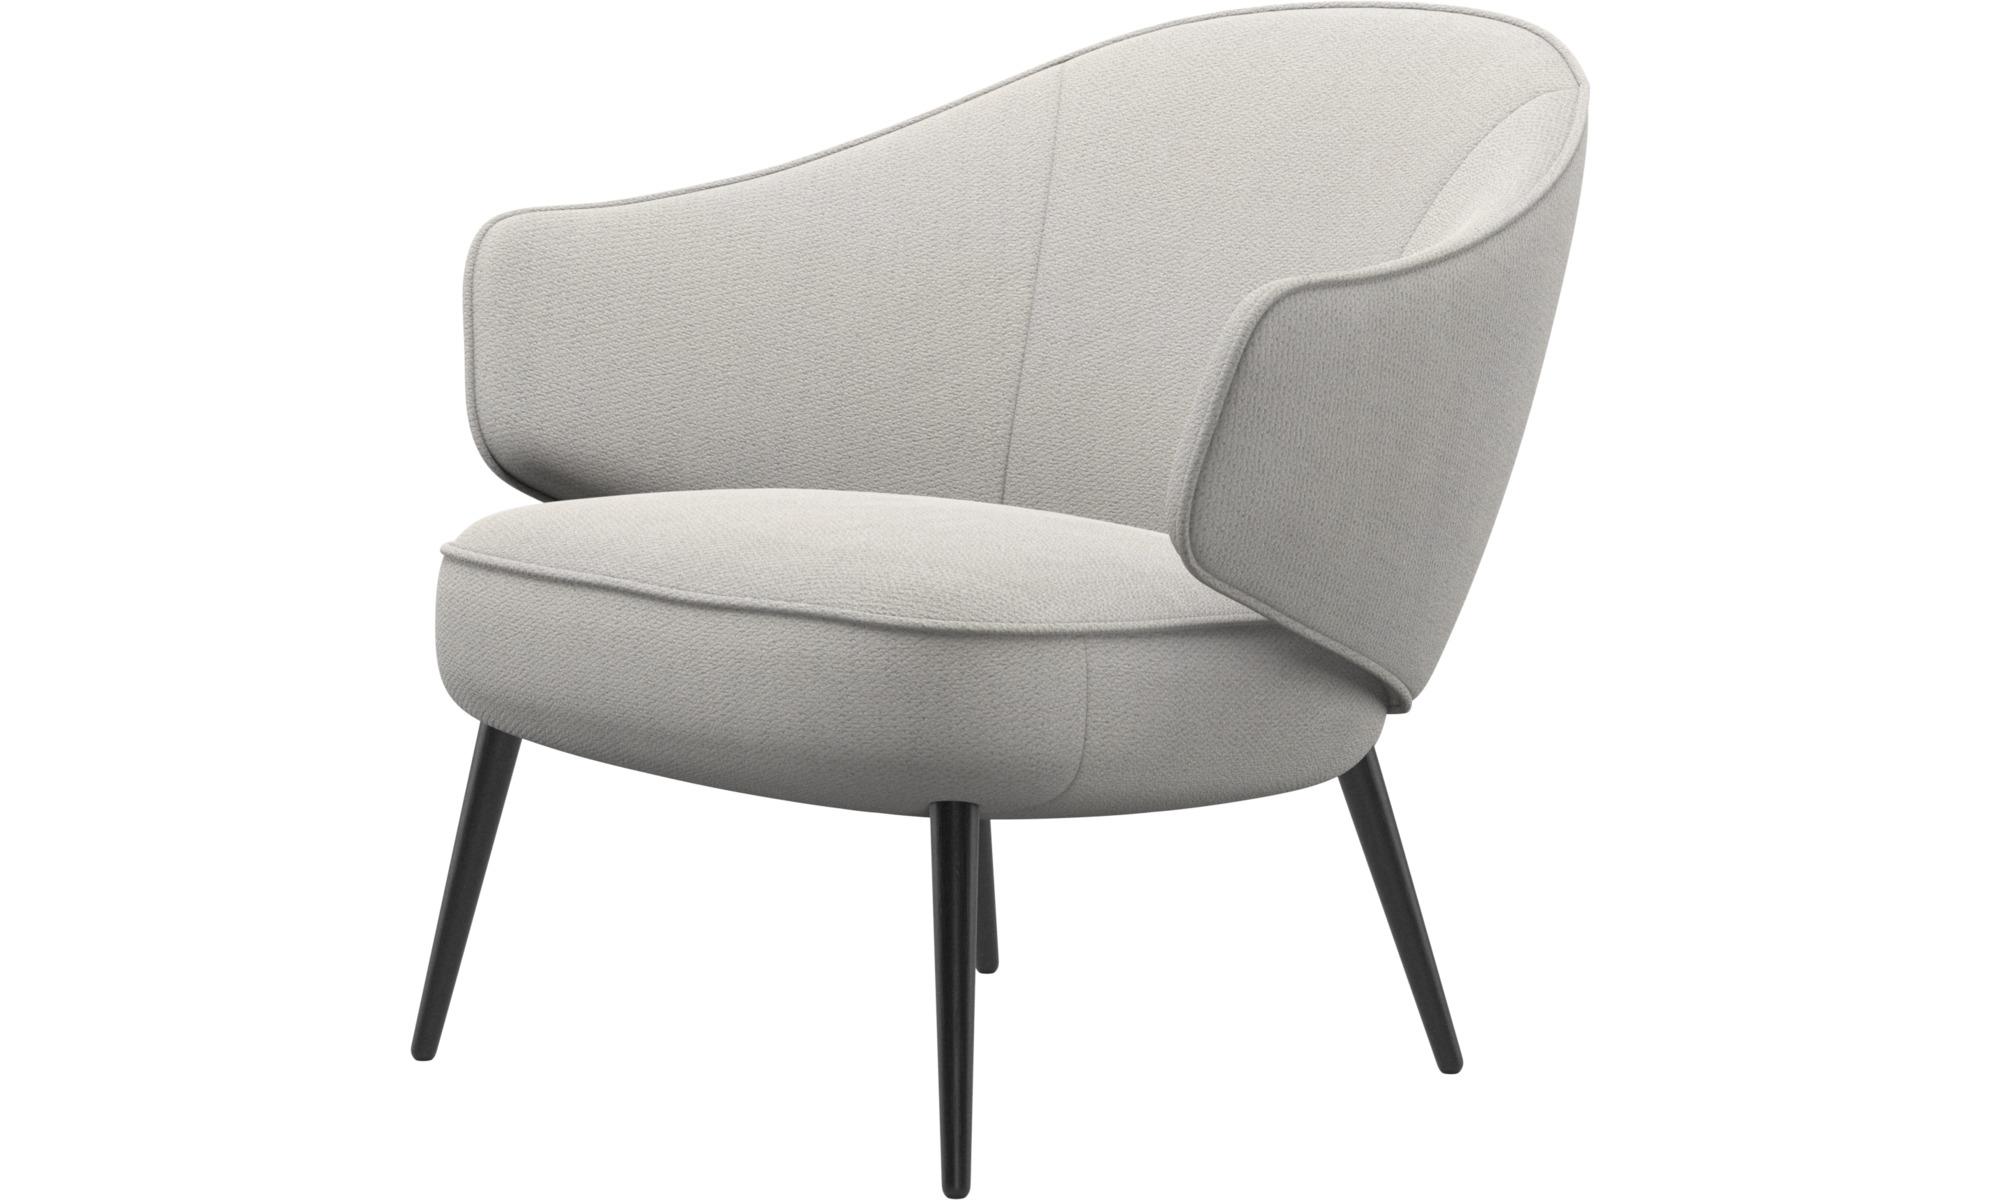 Fauteuils - Charlotte fauteuil - Wit - Stof